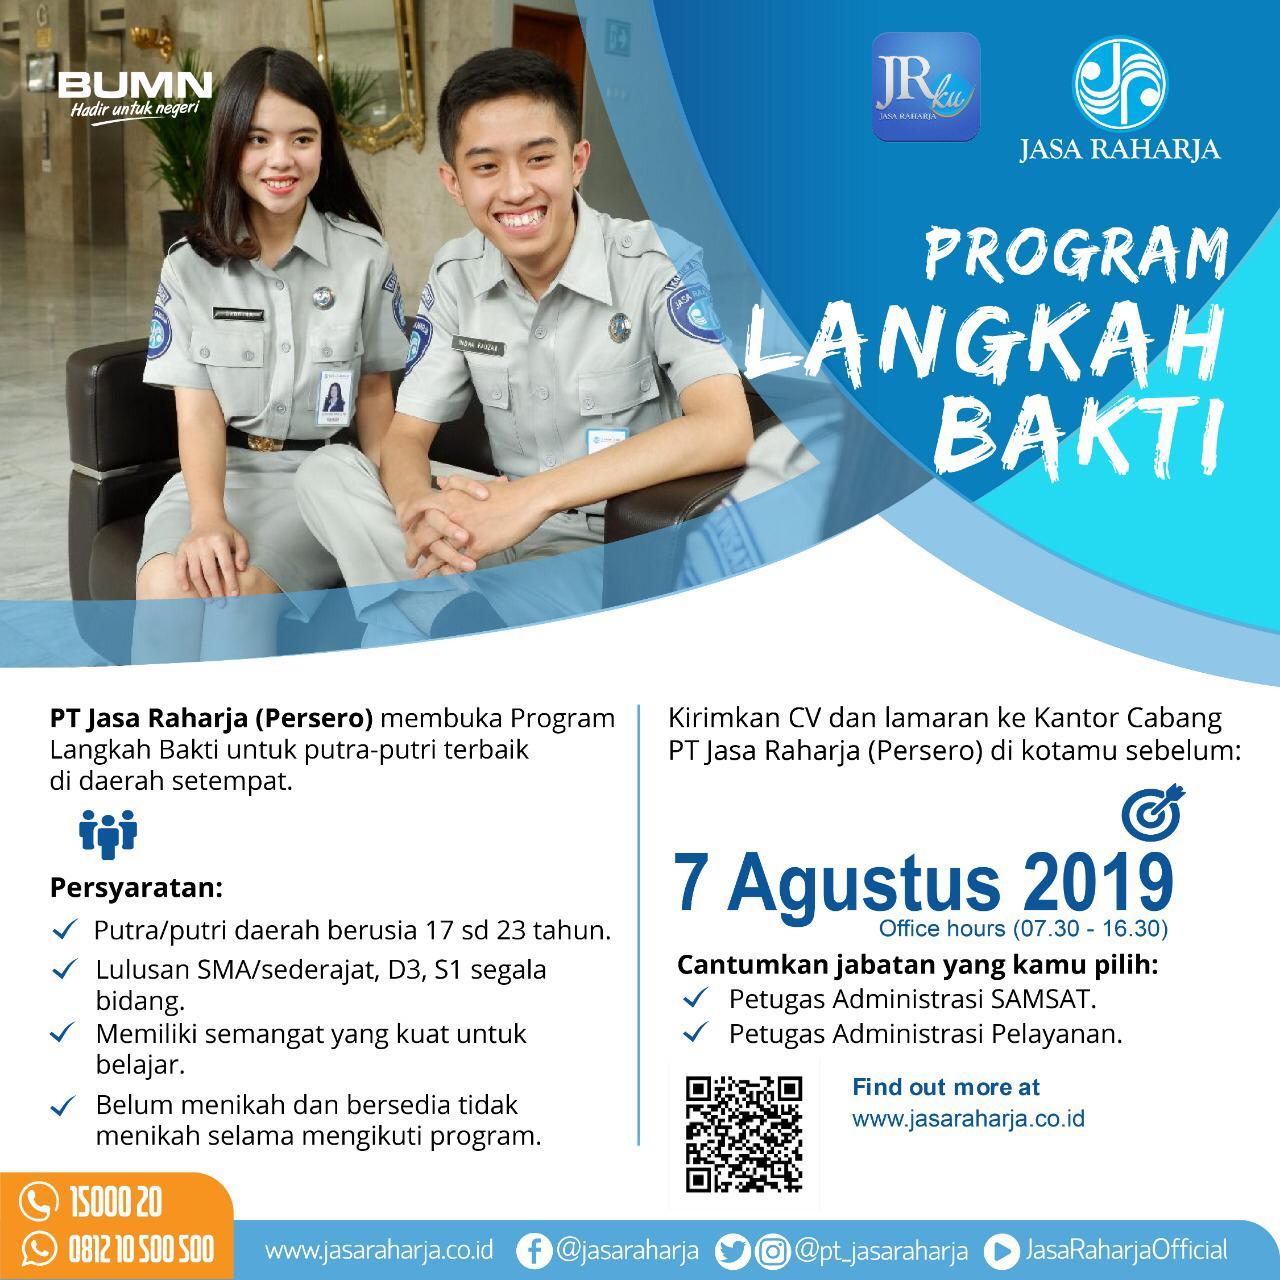 Lowongan Kerja BUMN PT Jasa Raharja (Persero) Lulusan SMA D3 S1 Sebelum 7 Agutus 2019